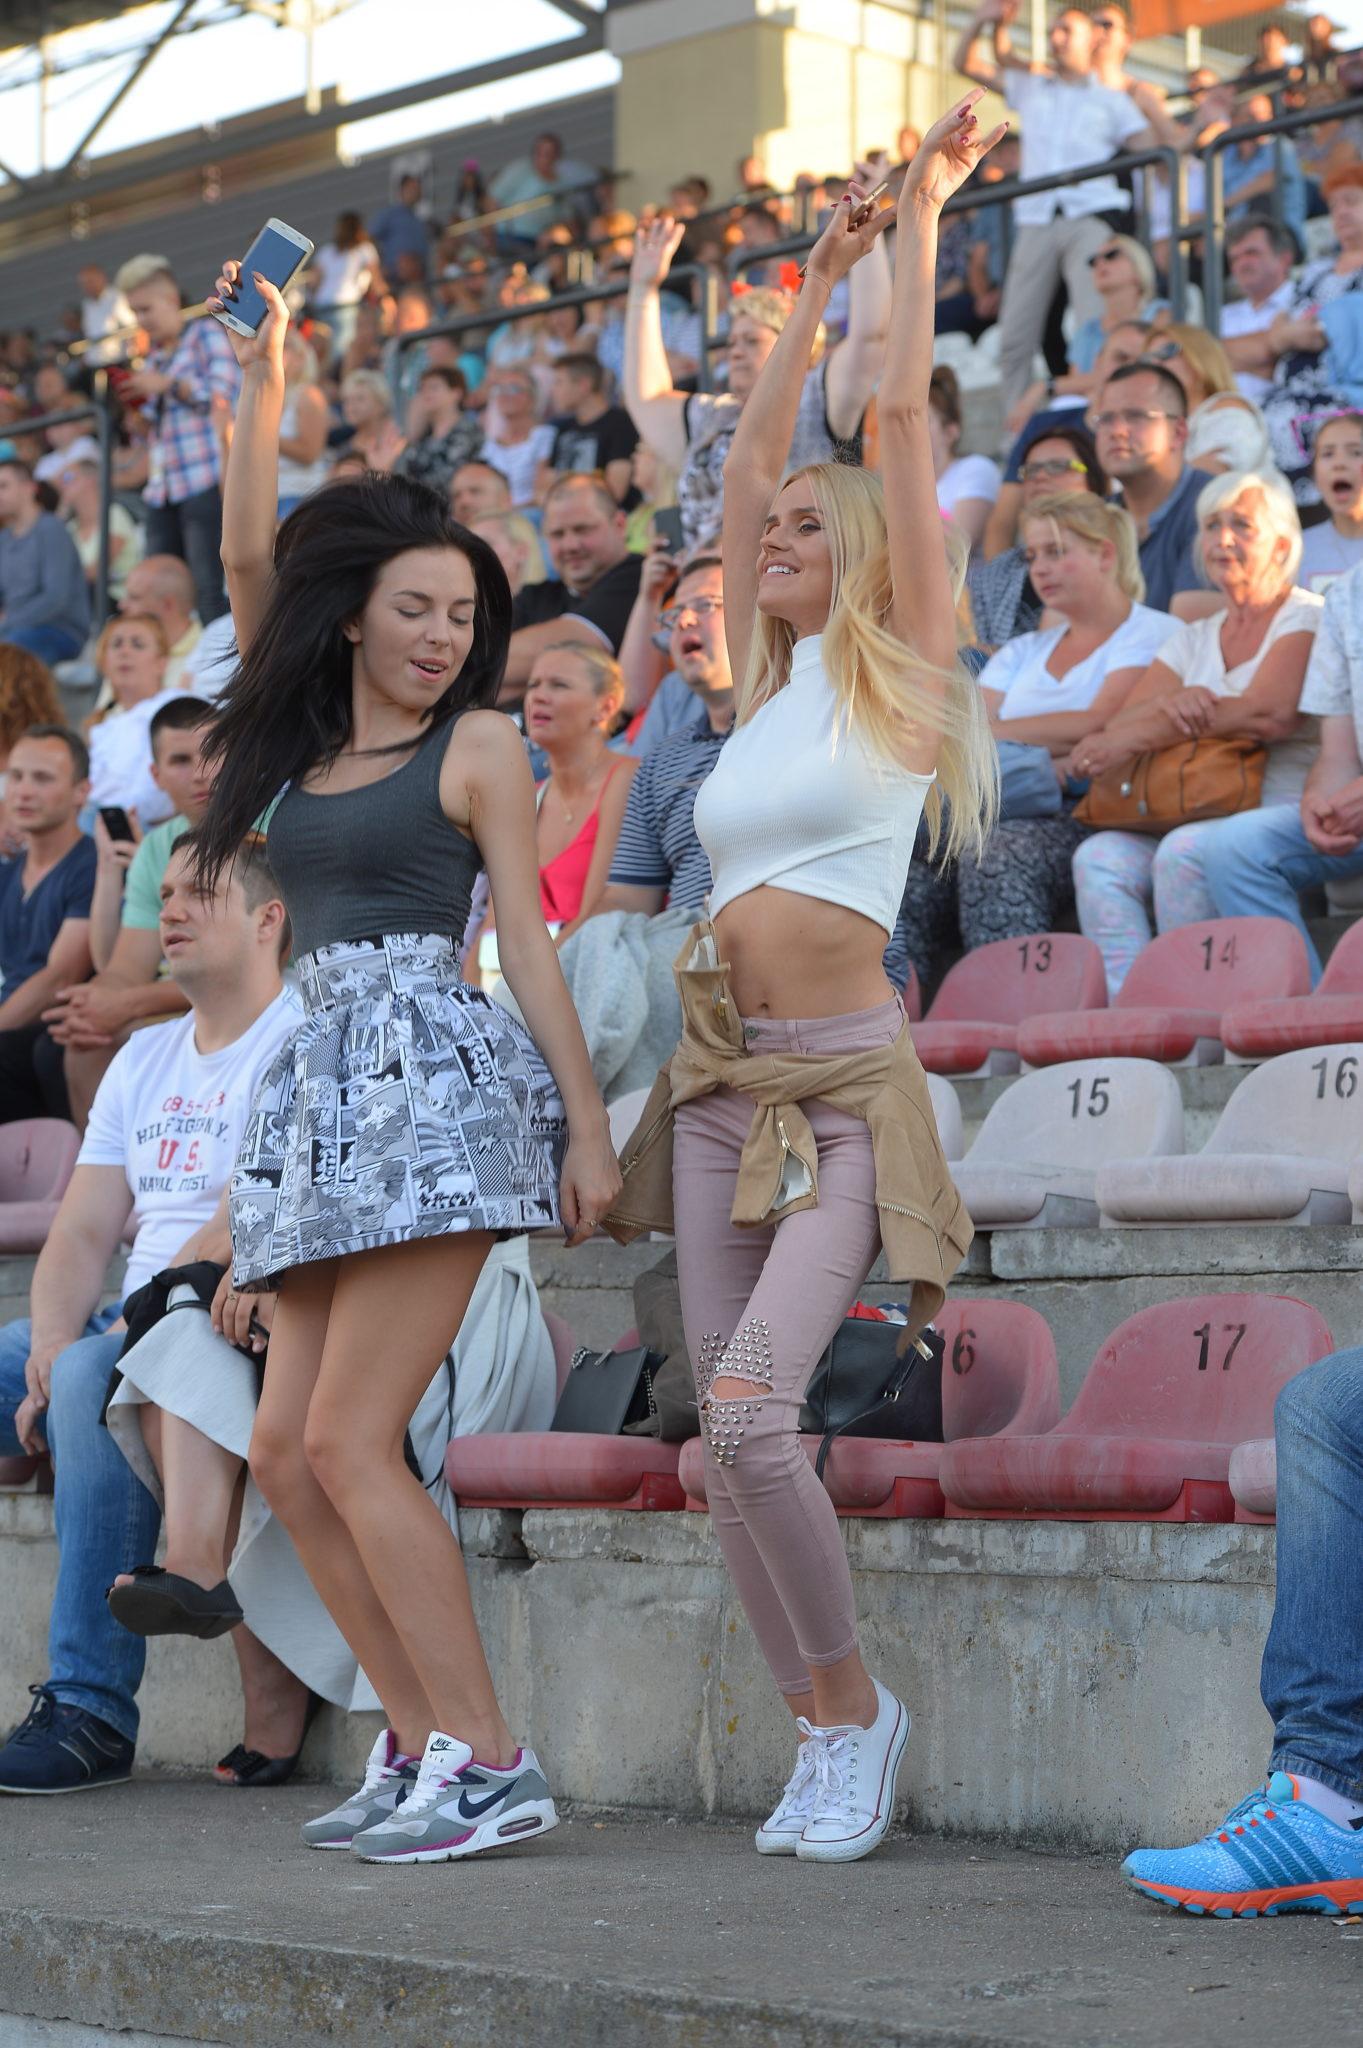 Warszawa, Jubileuszowa Gala 25 lat Disco Polo w Polsce na Stadionie Polonii w Warszawie, , fot: PAP/Stach Leszczyński